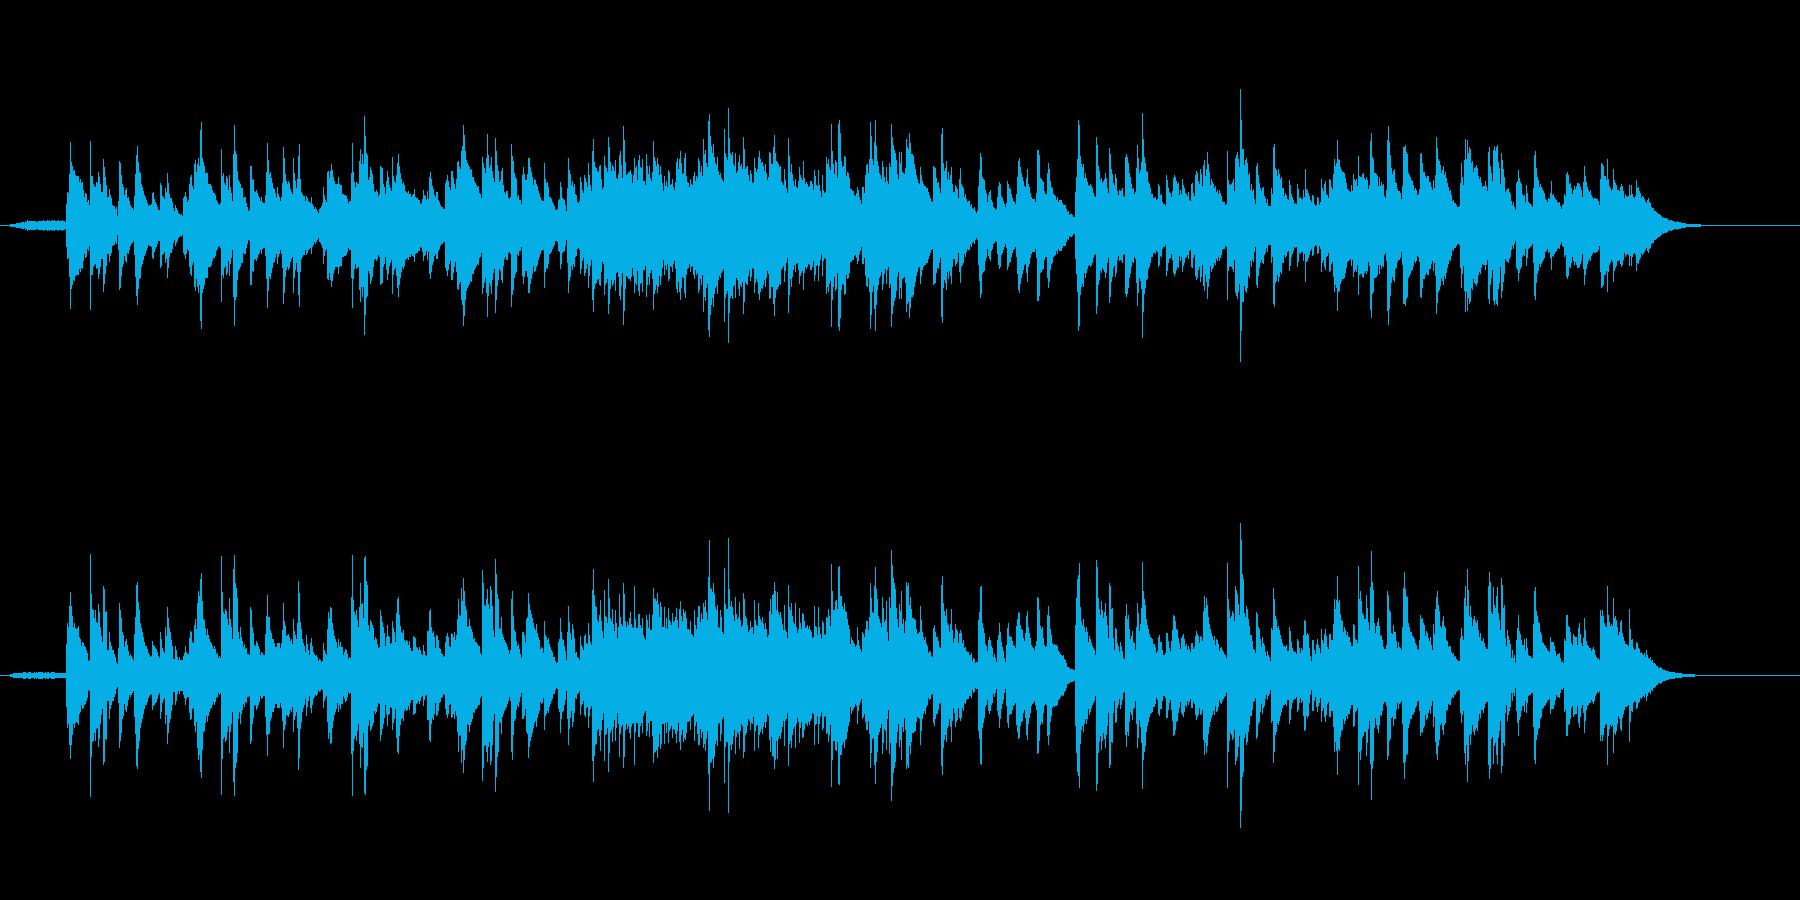 シンプルで繊細なアコースティックナンバーの再生済みの波形